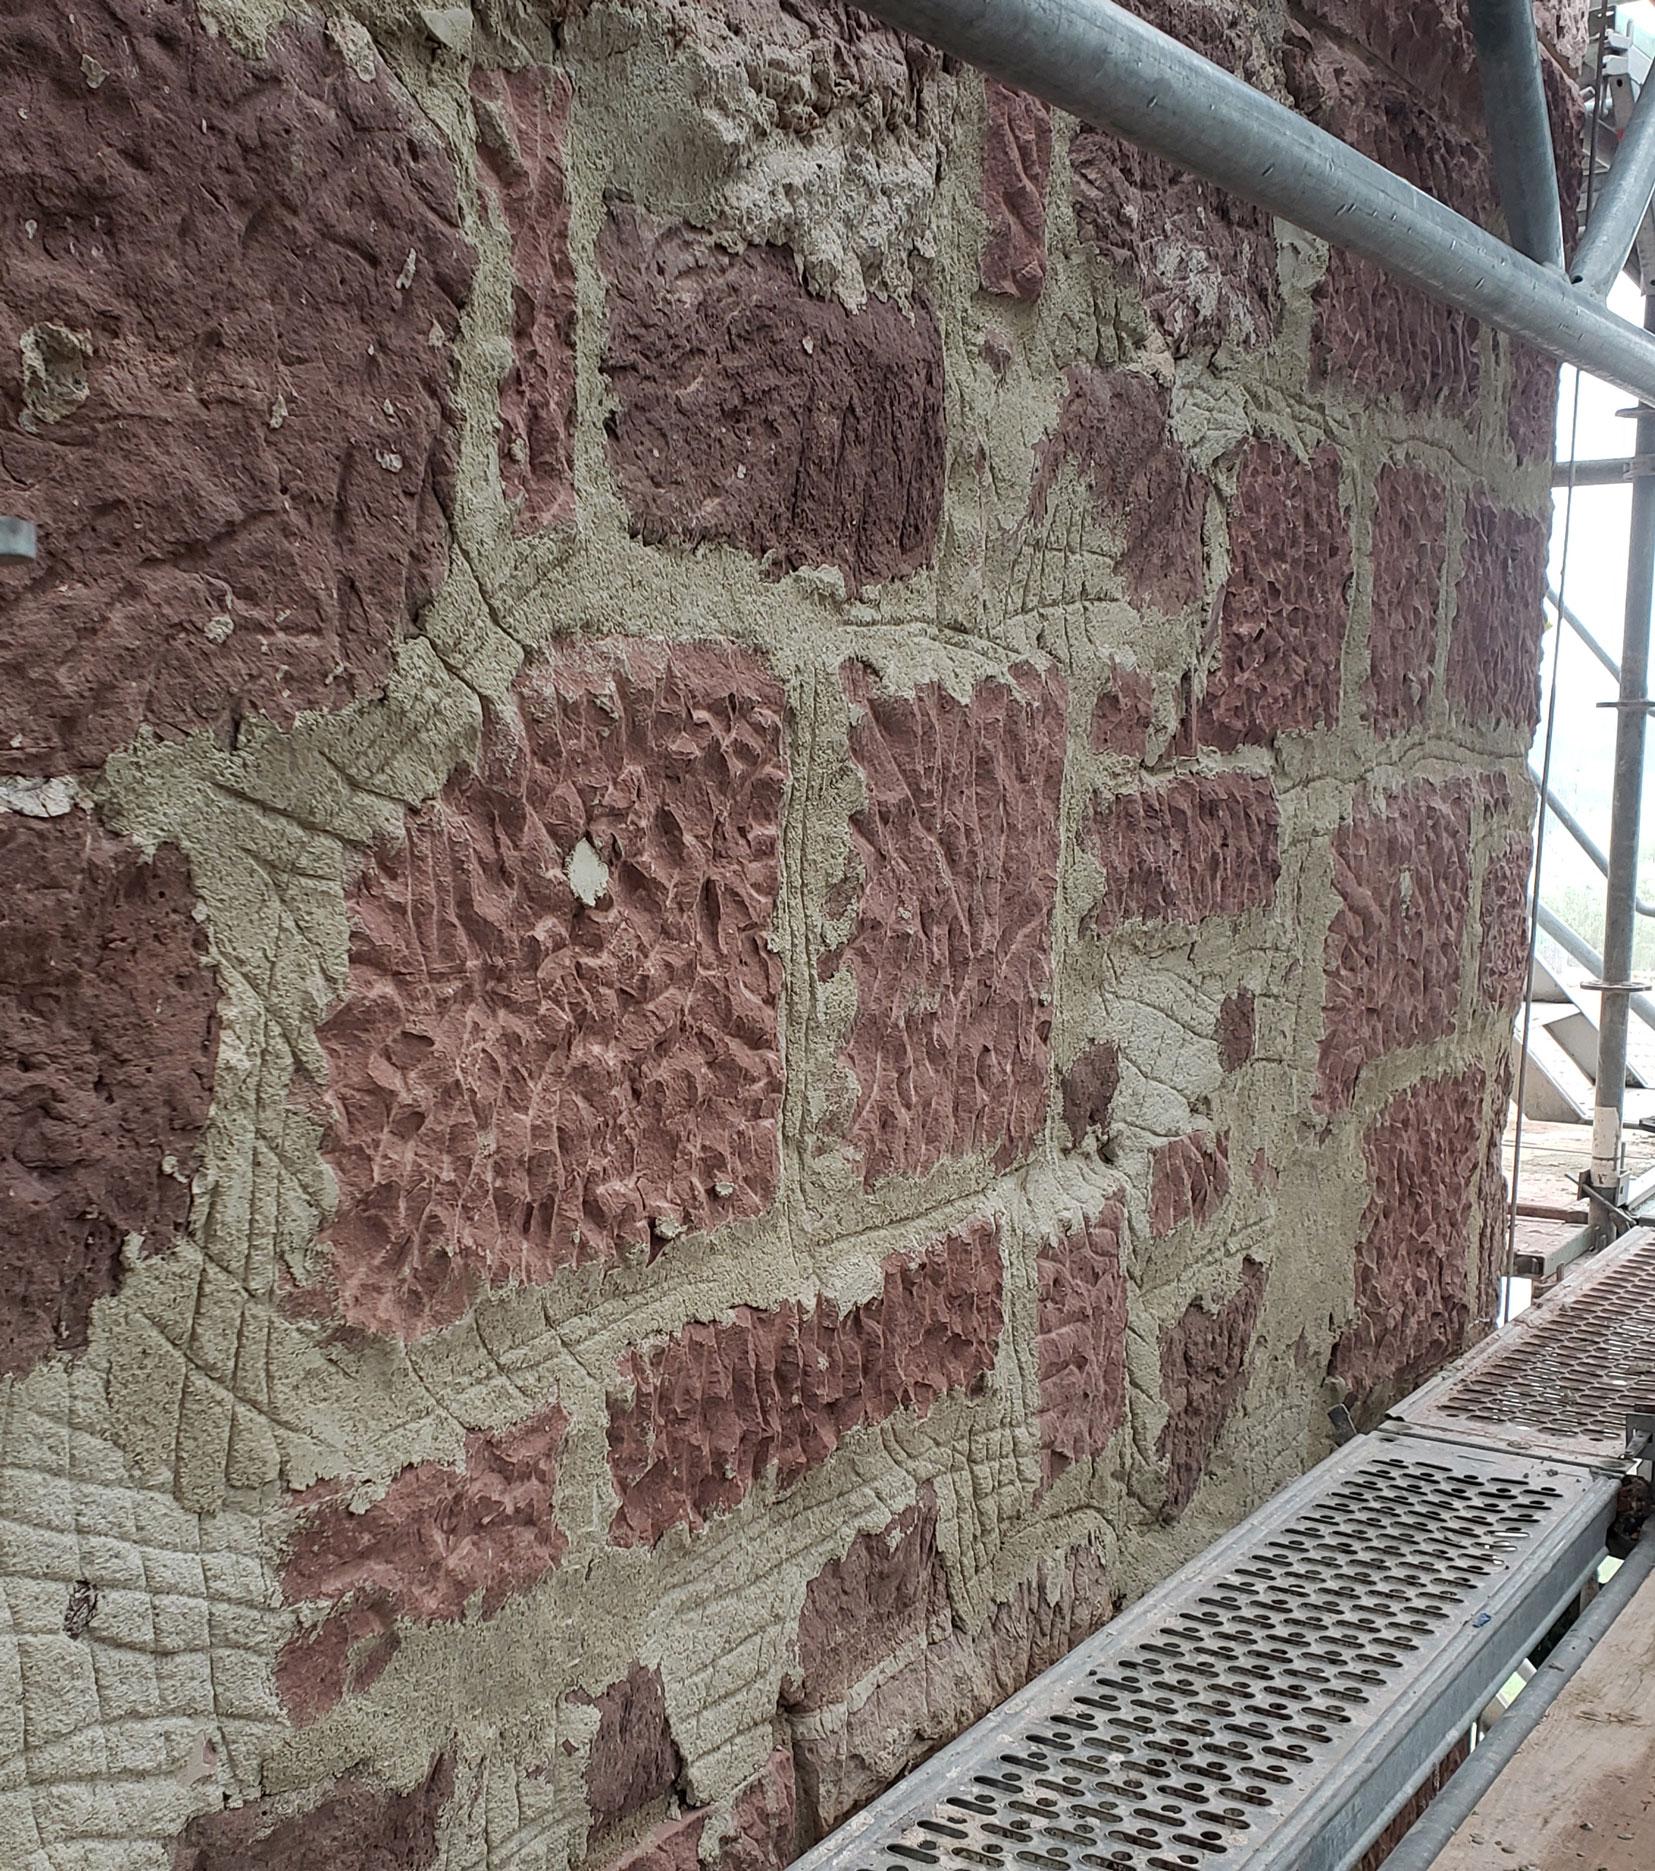 Kirche_Wulften_Fassade_Putz_Naturstein_Sanierung_Restaurierung_Pflaster (12)